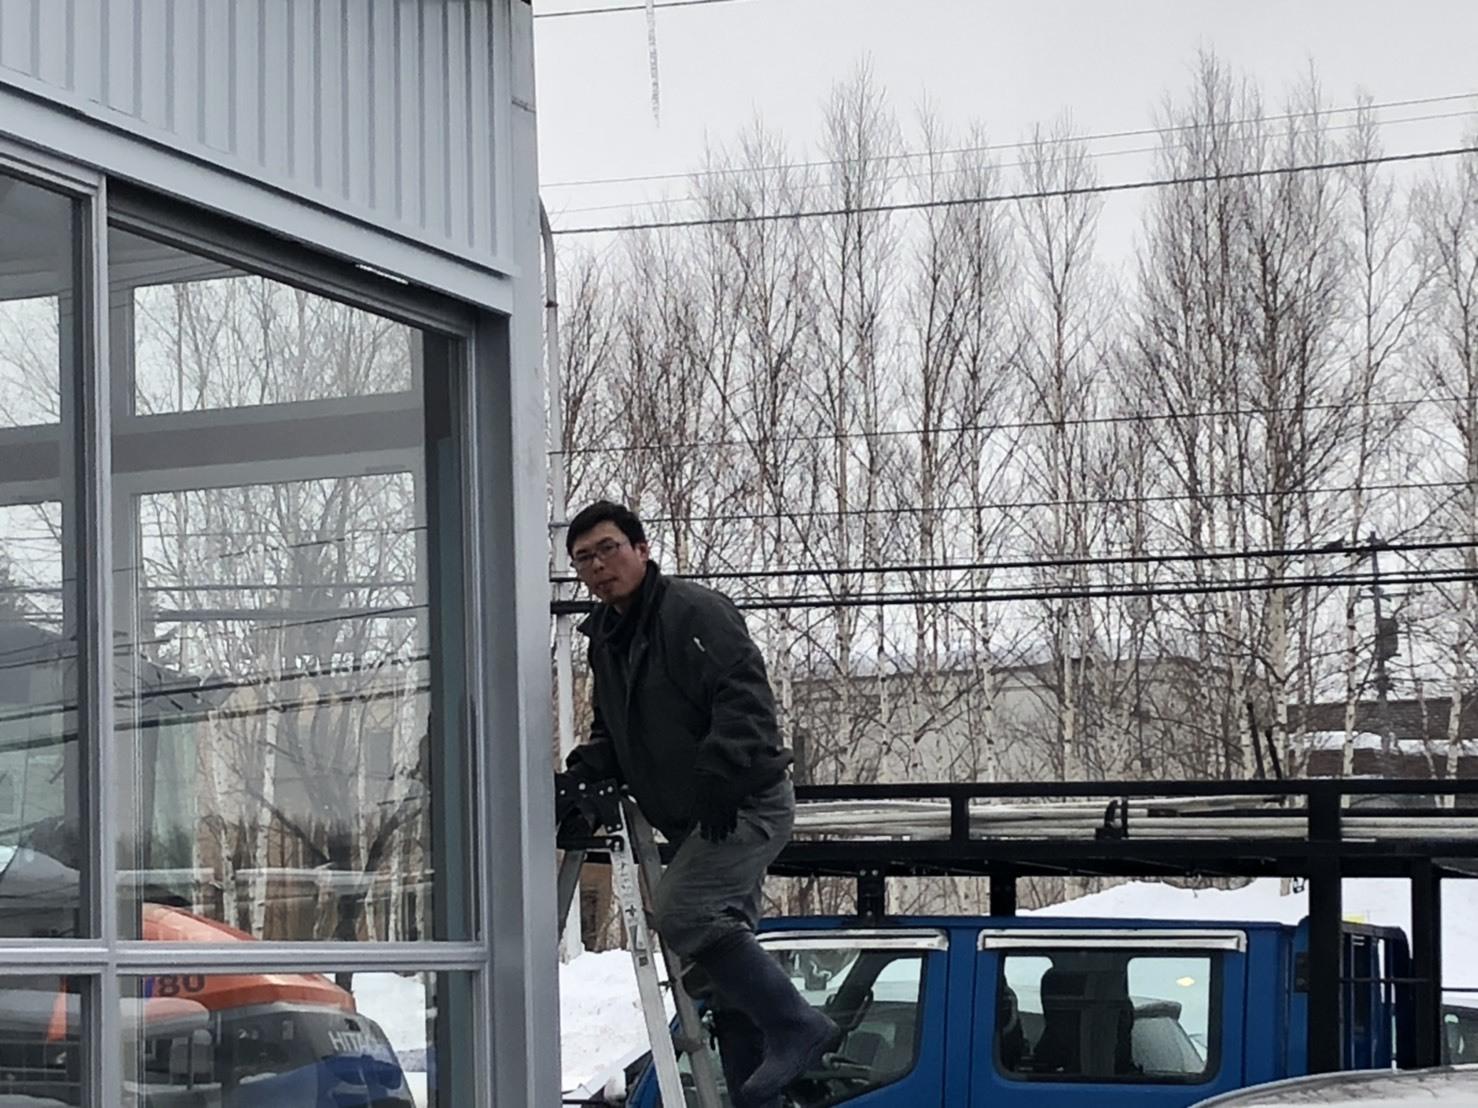 2月16日(土)☆ハイエースあります✊サクシードA様納車♡ ランクル レクサス ハマー TOMMY♡_b0127002_19123478.jpg